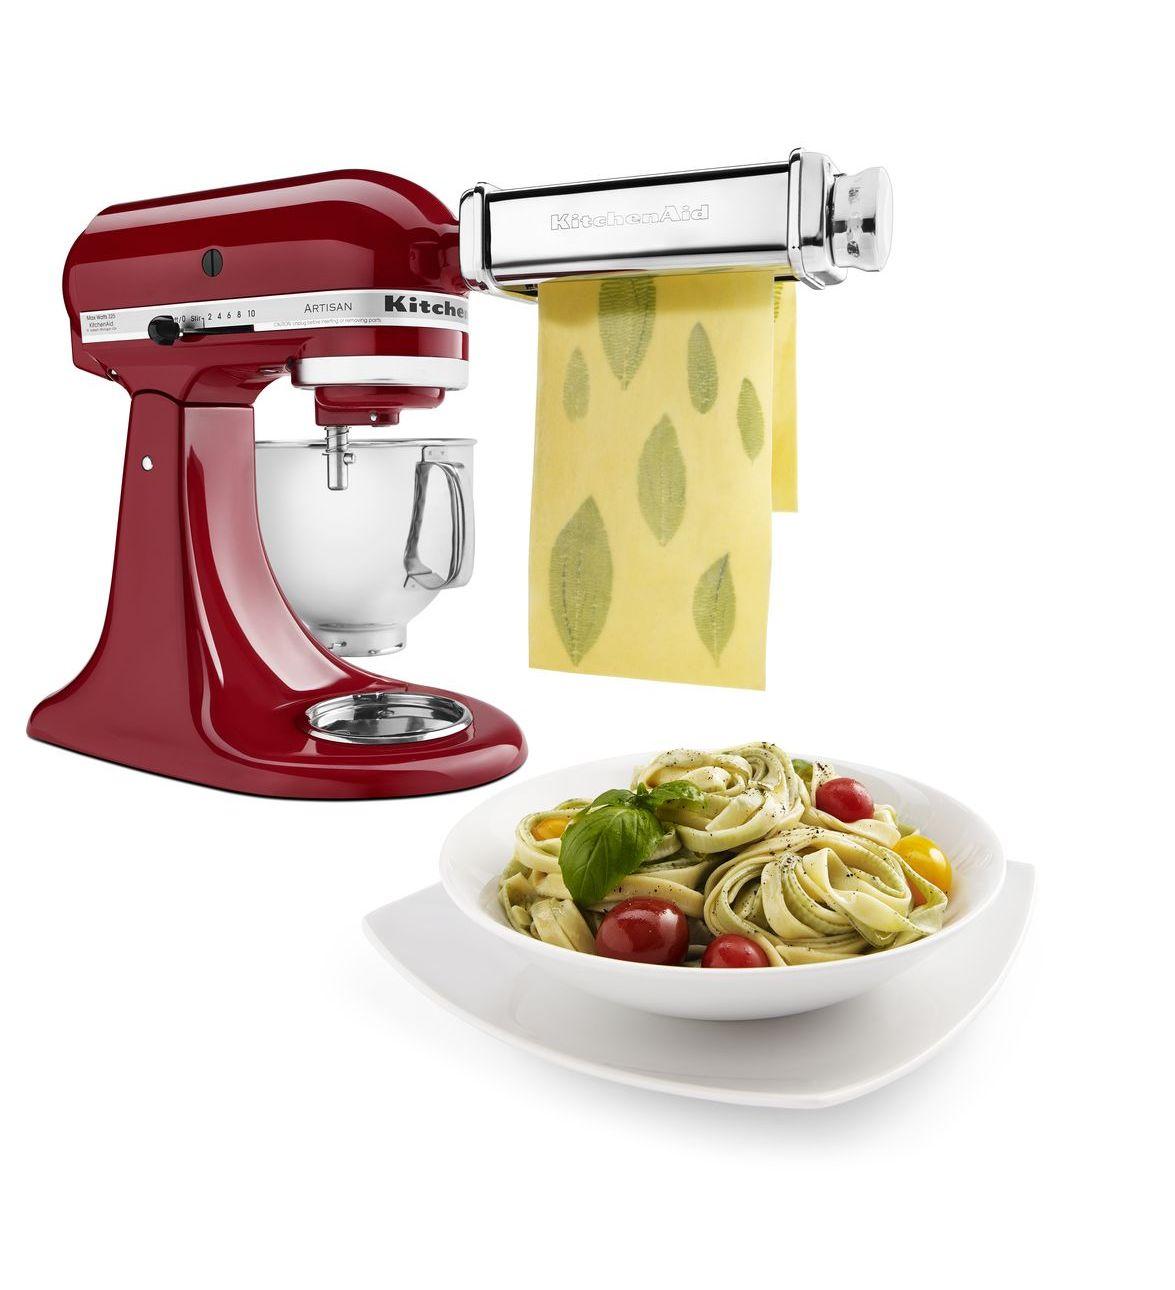 kitchen aid pasta attachment 60 inch table kitchenaid attachments - maker hq